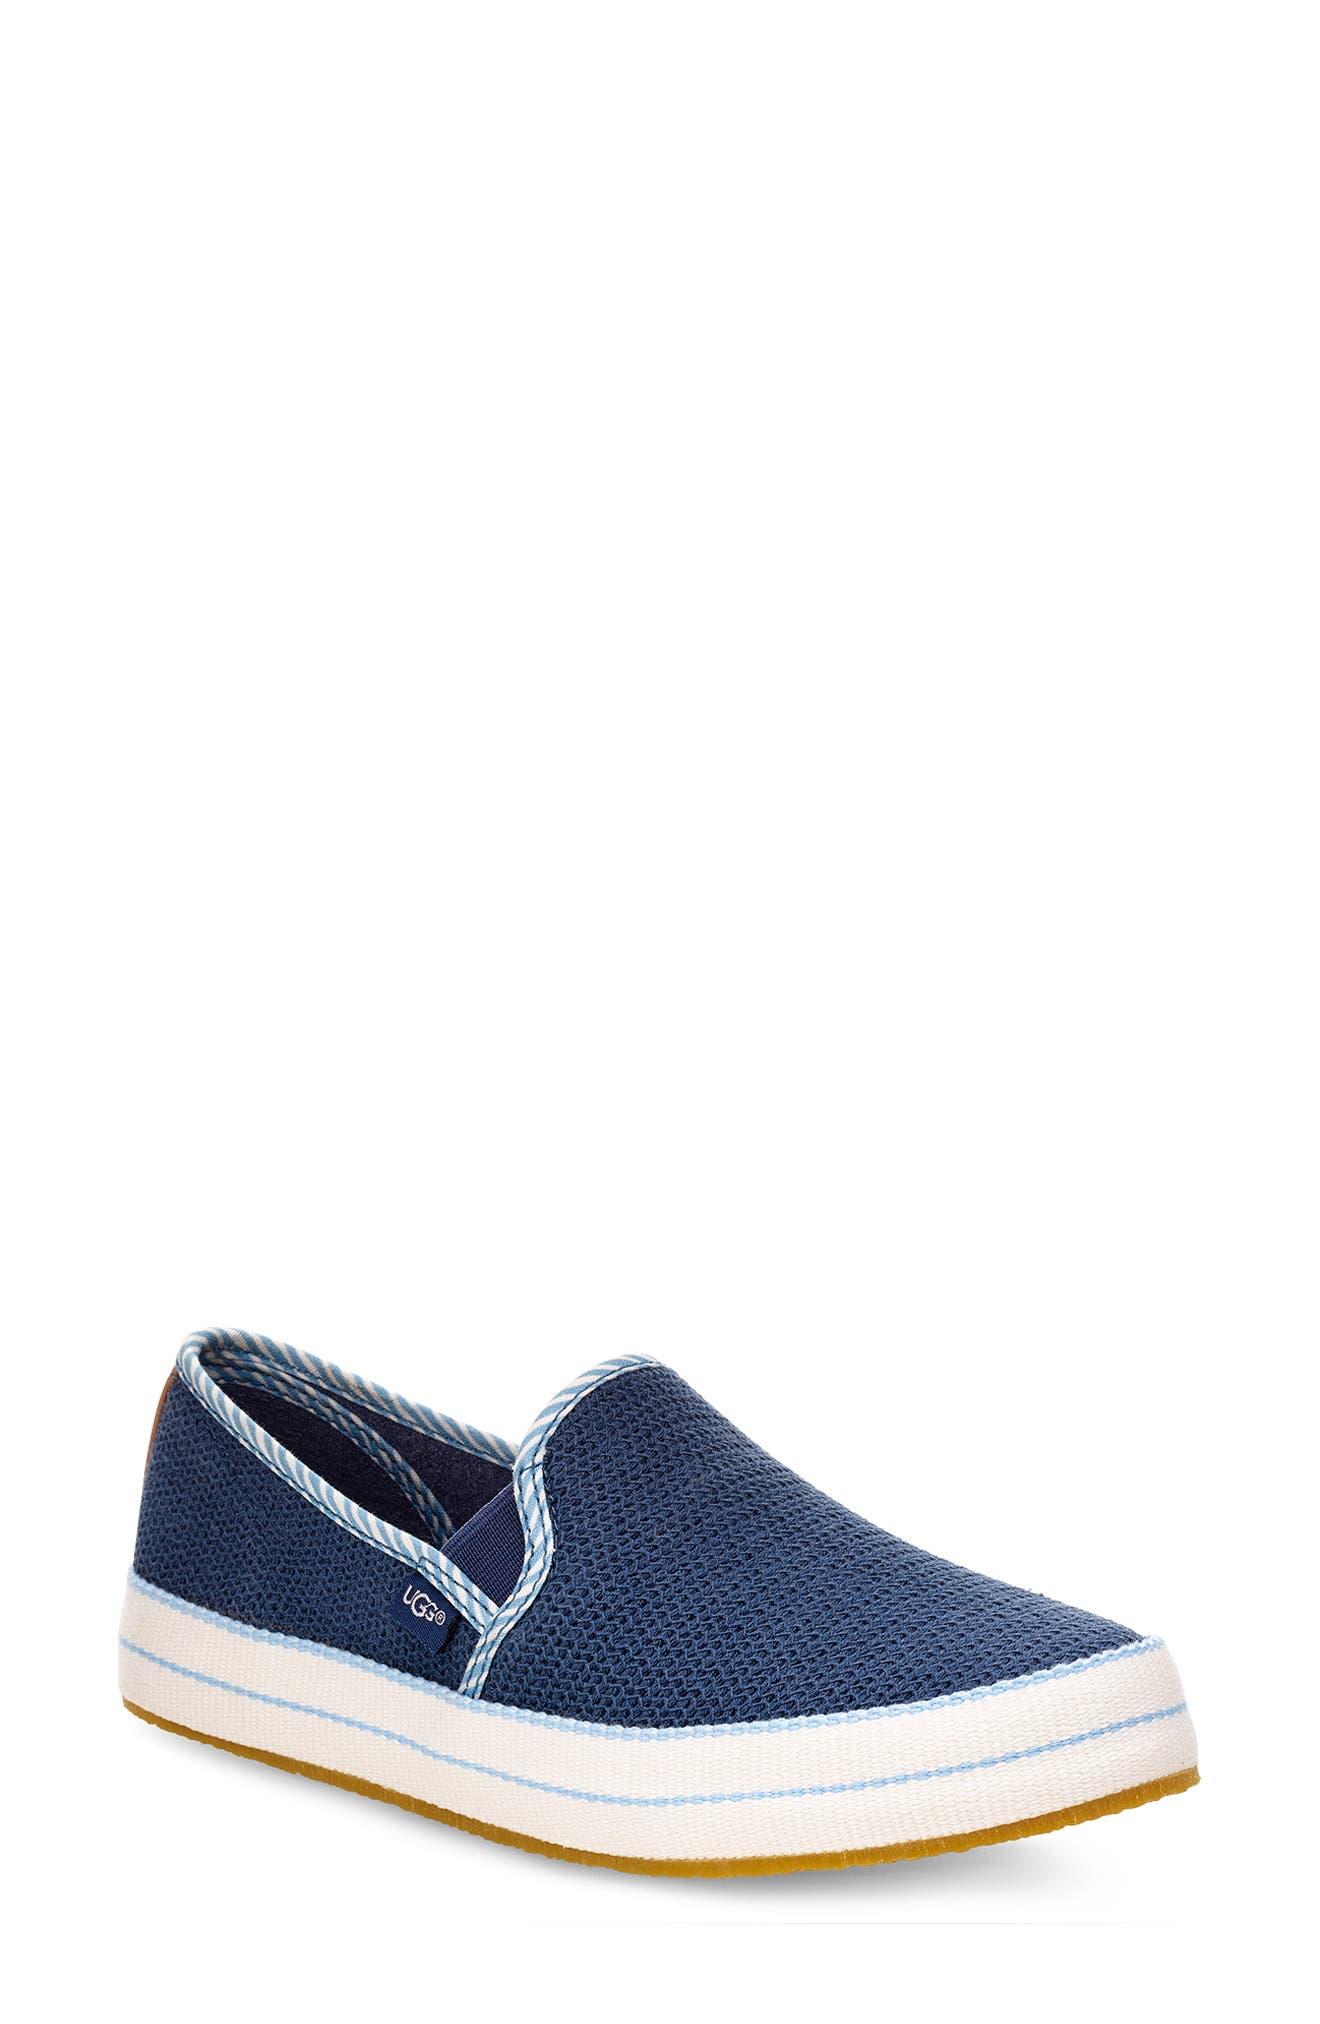 Ugg Bren Waves Slip-On Sneaker, Blue